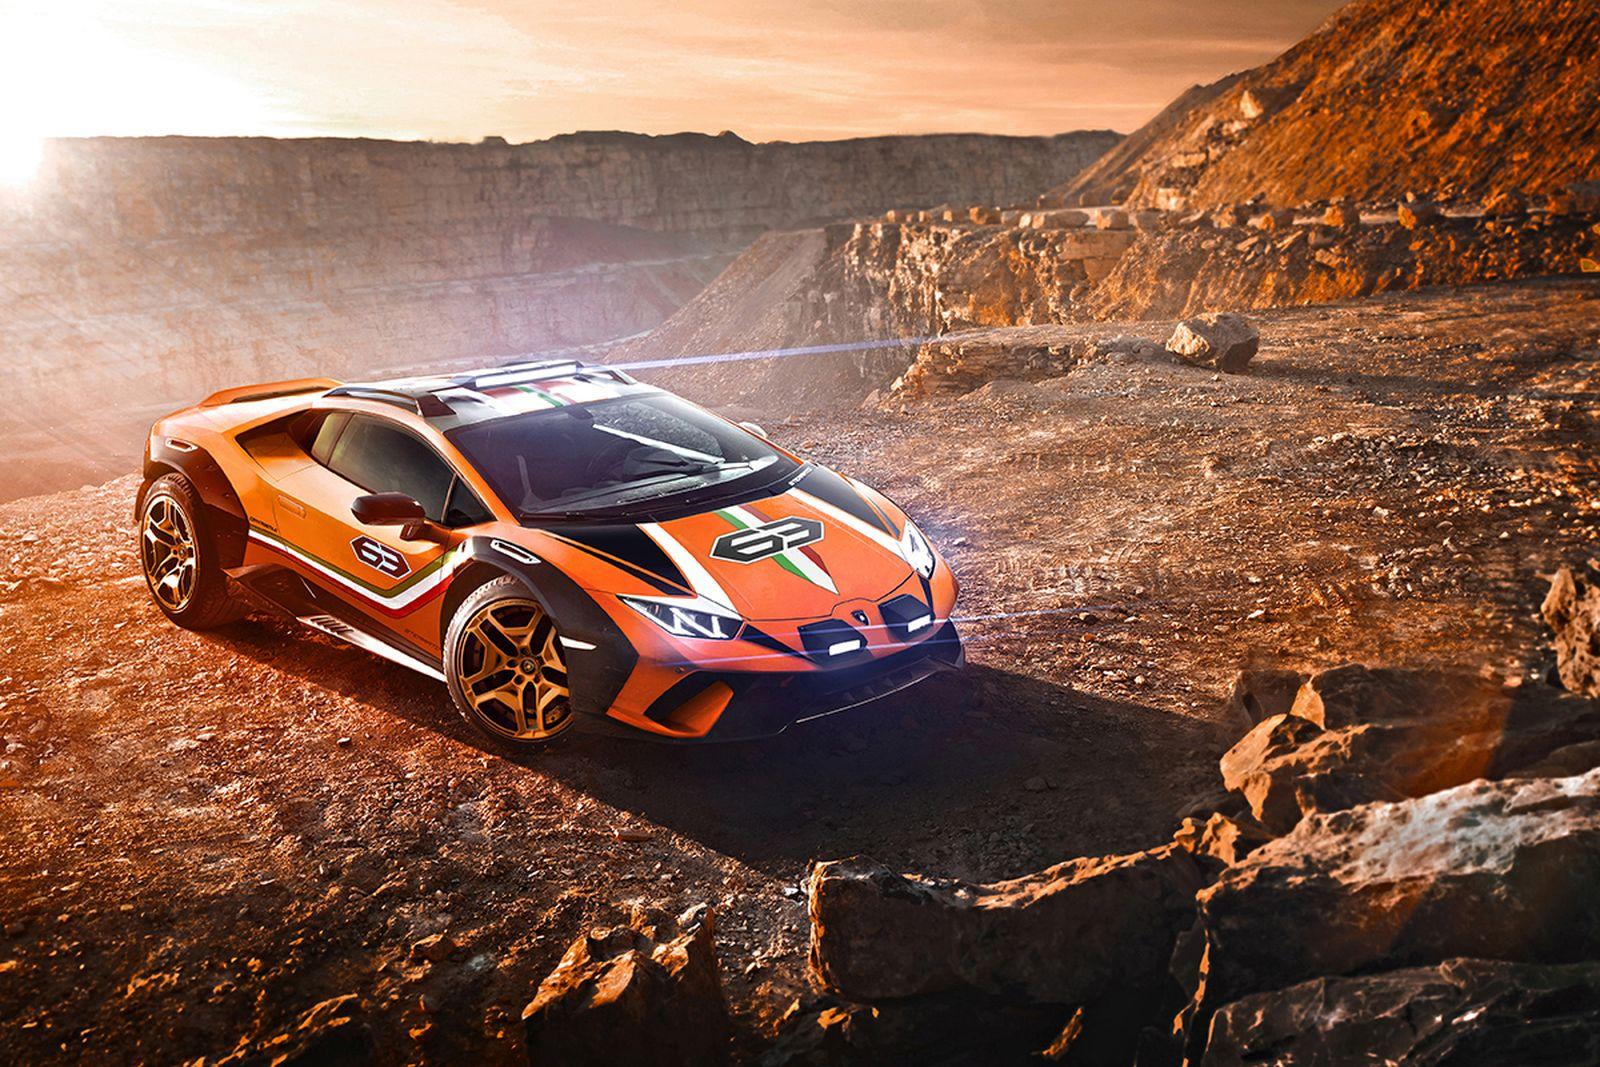 lamborghini huracan sterrato concept Lamborghini Huracán Sterrato